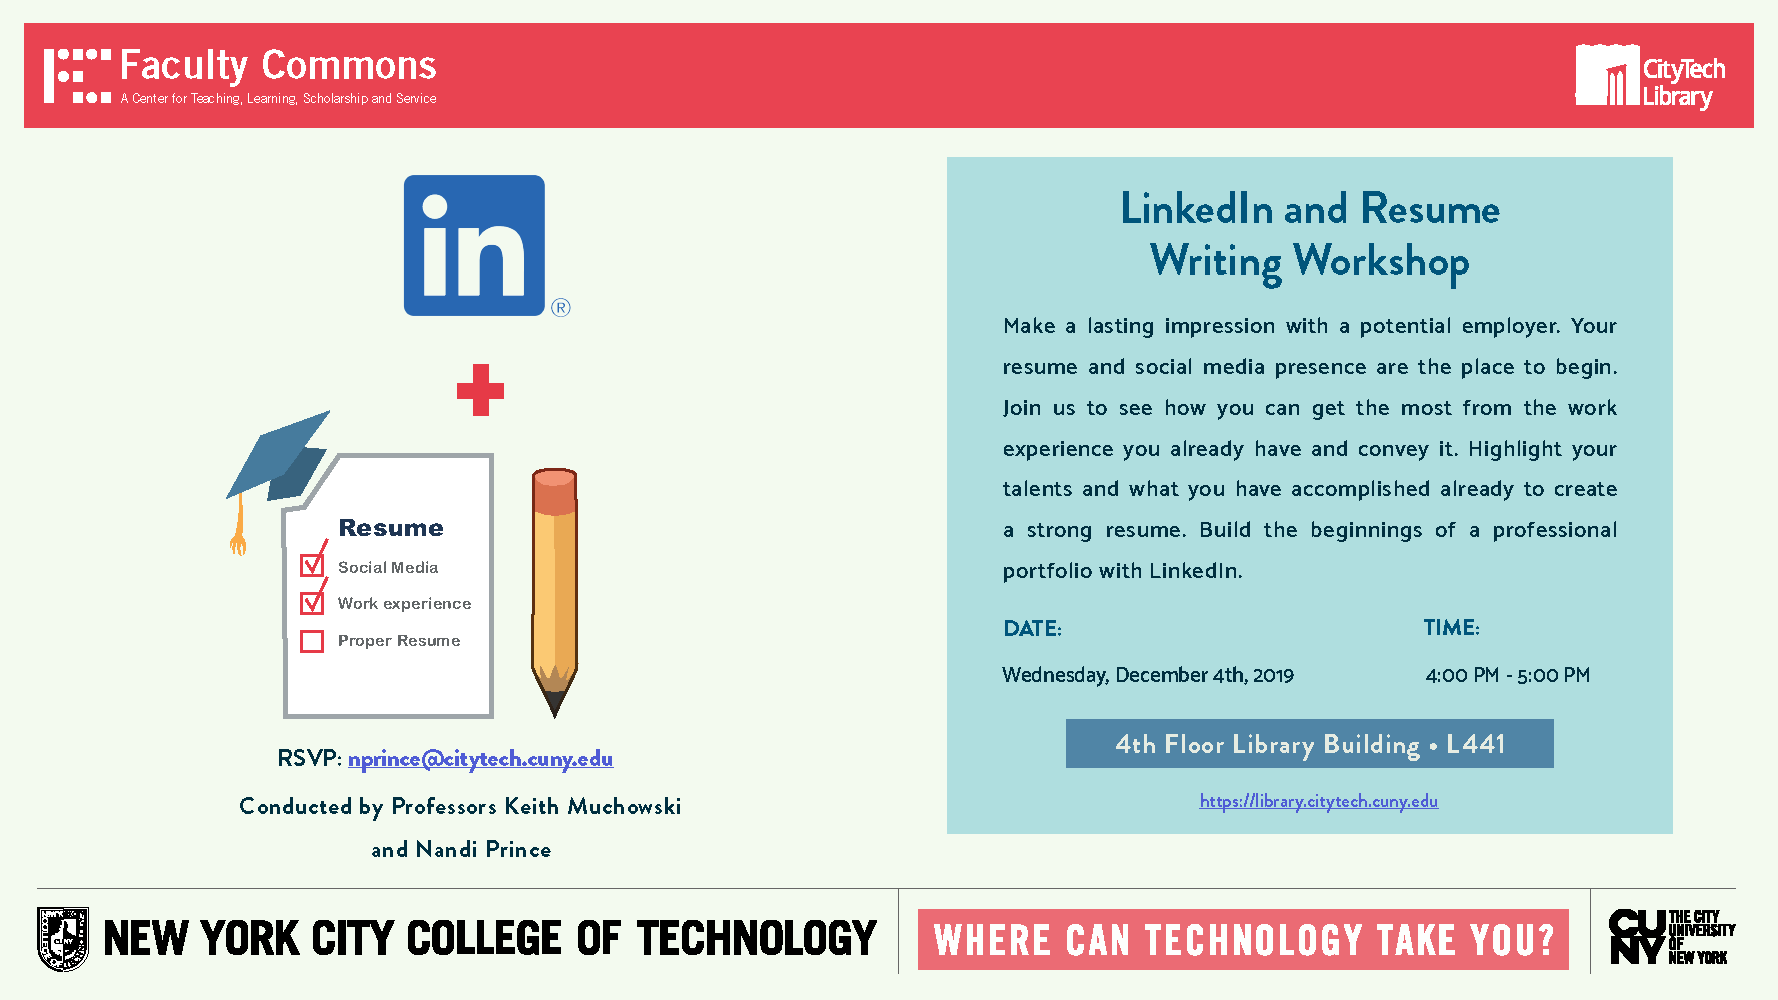 LinkedIn and Resume Writing Workshop 1